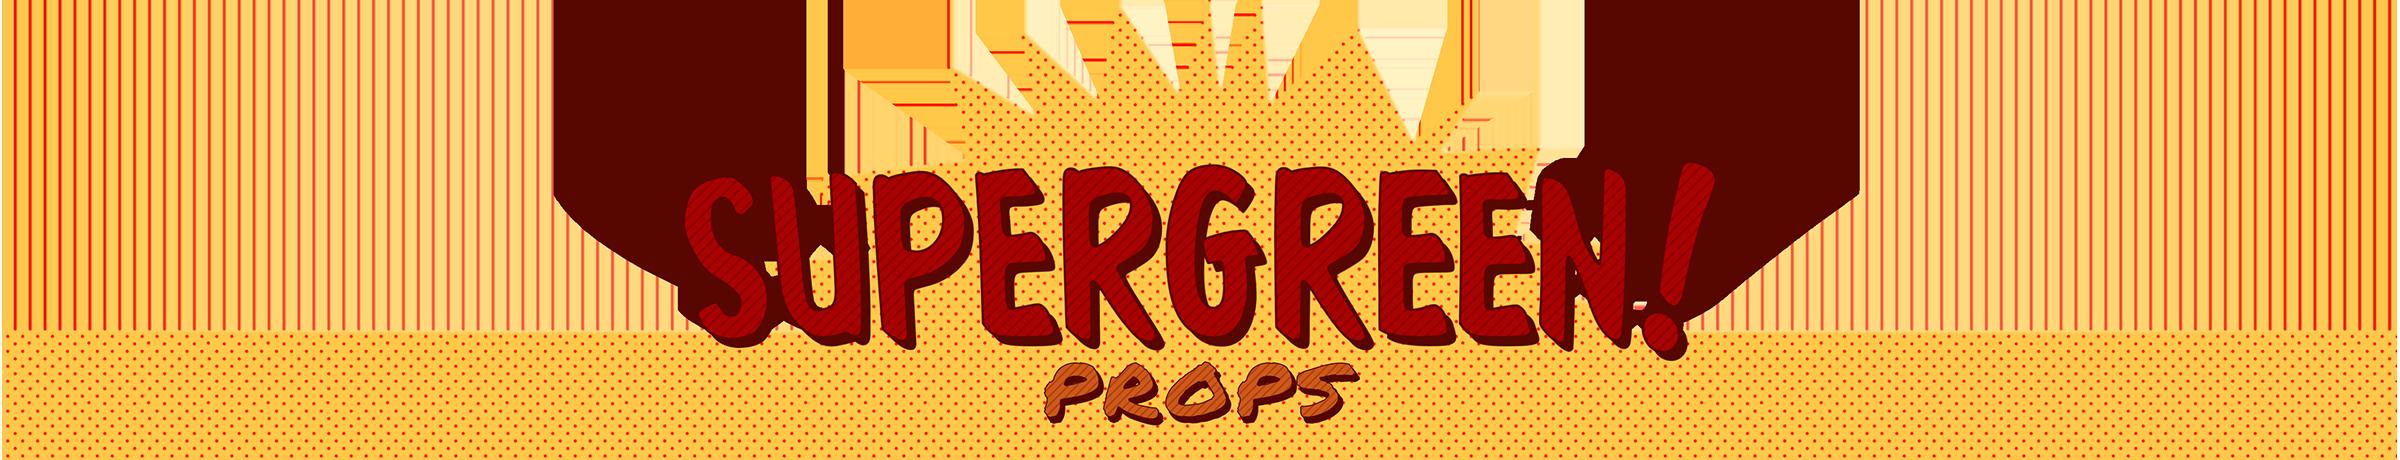 Supergreen props